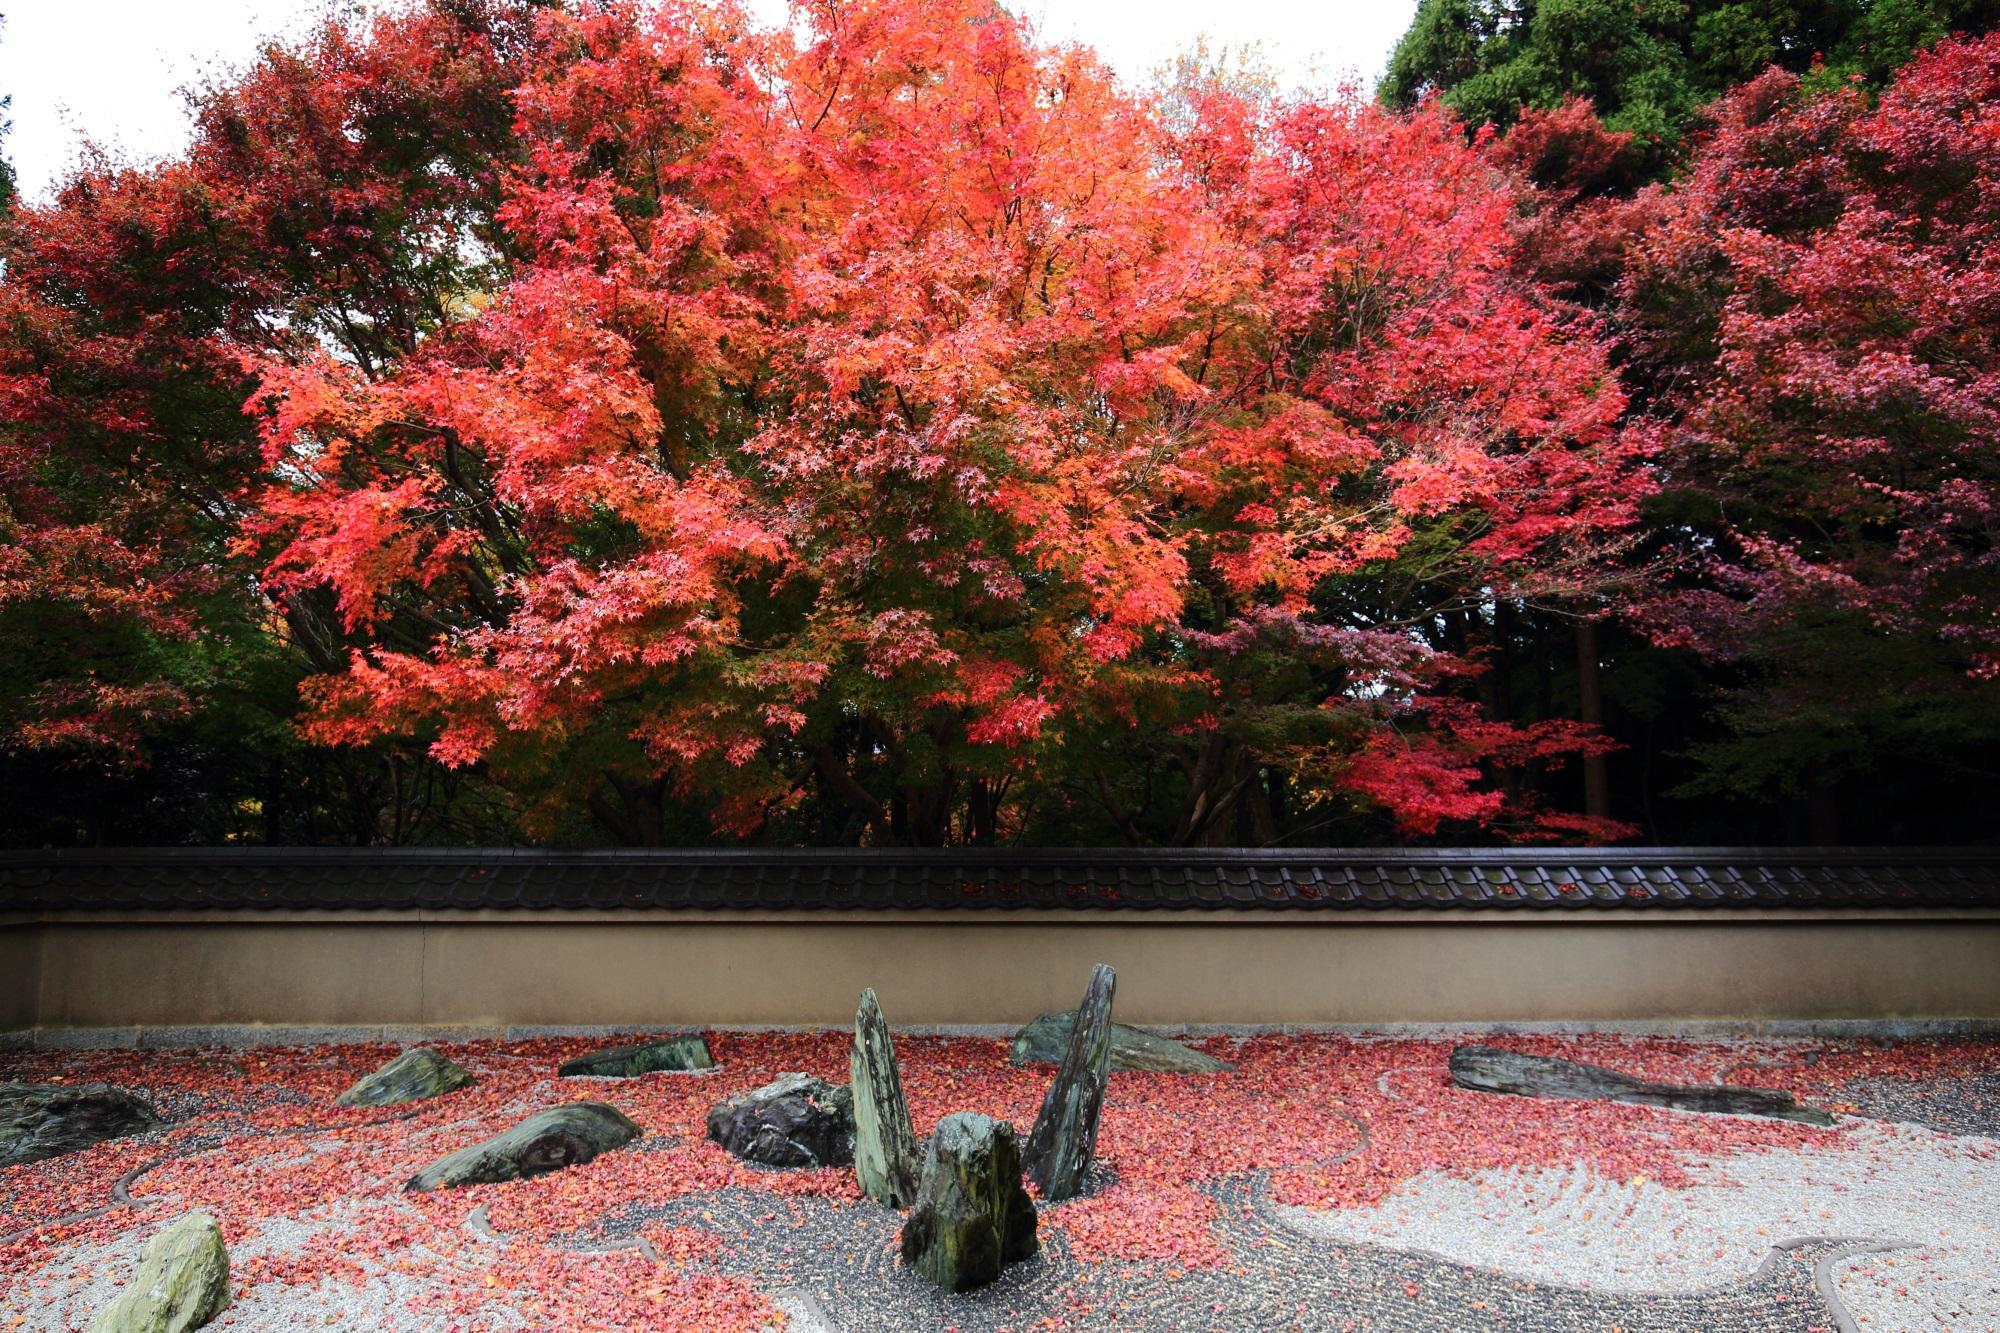 りょうぎんあんの見ごろの鮮やかな紅葉と浮かび上がる龍